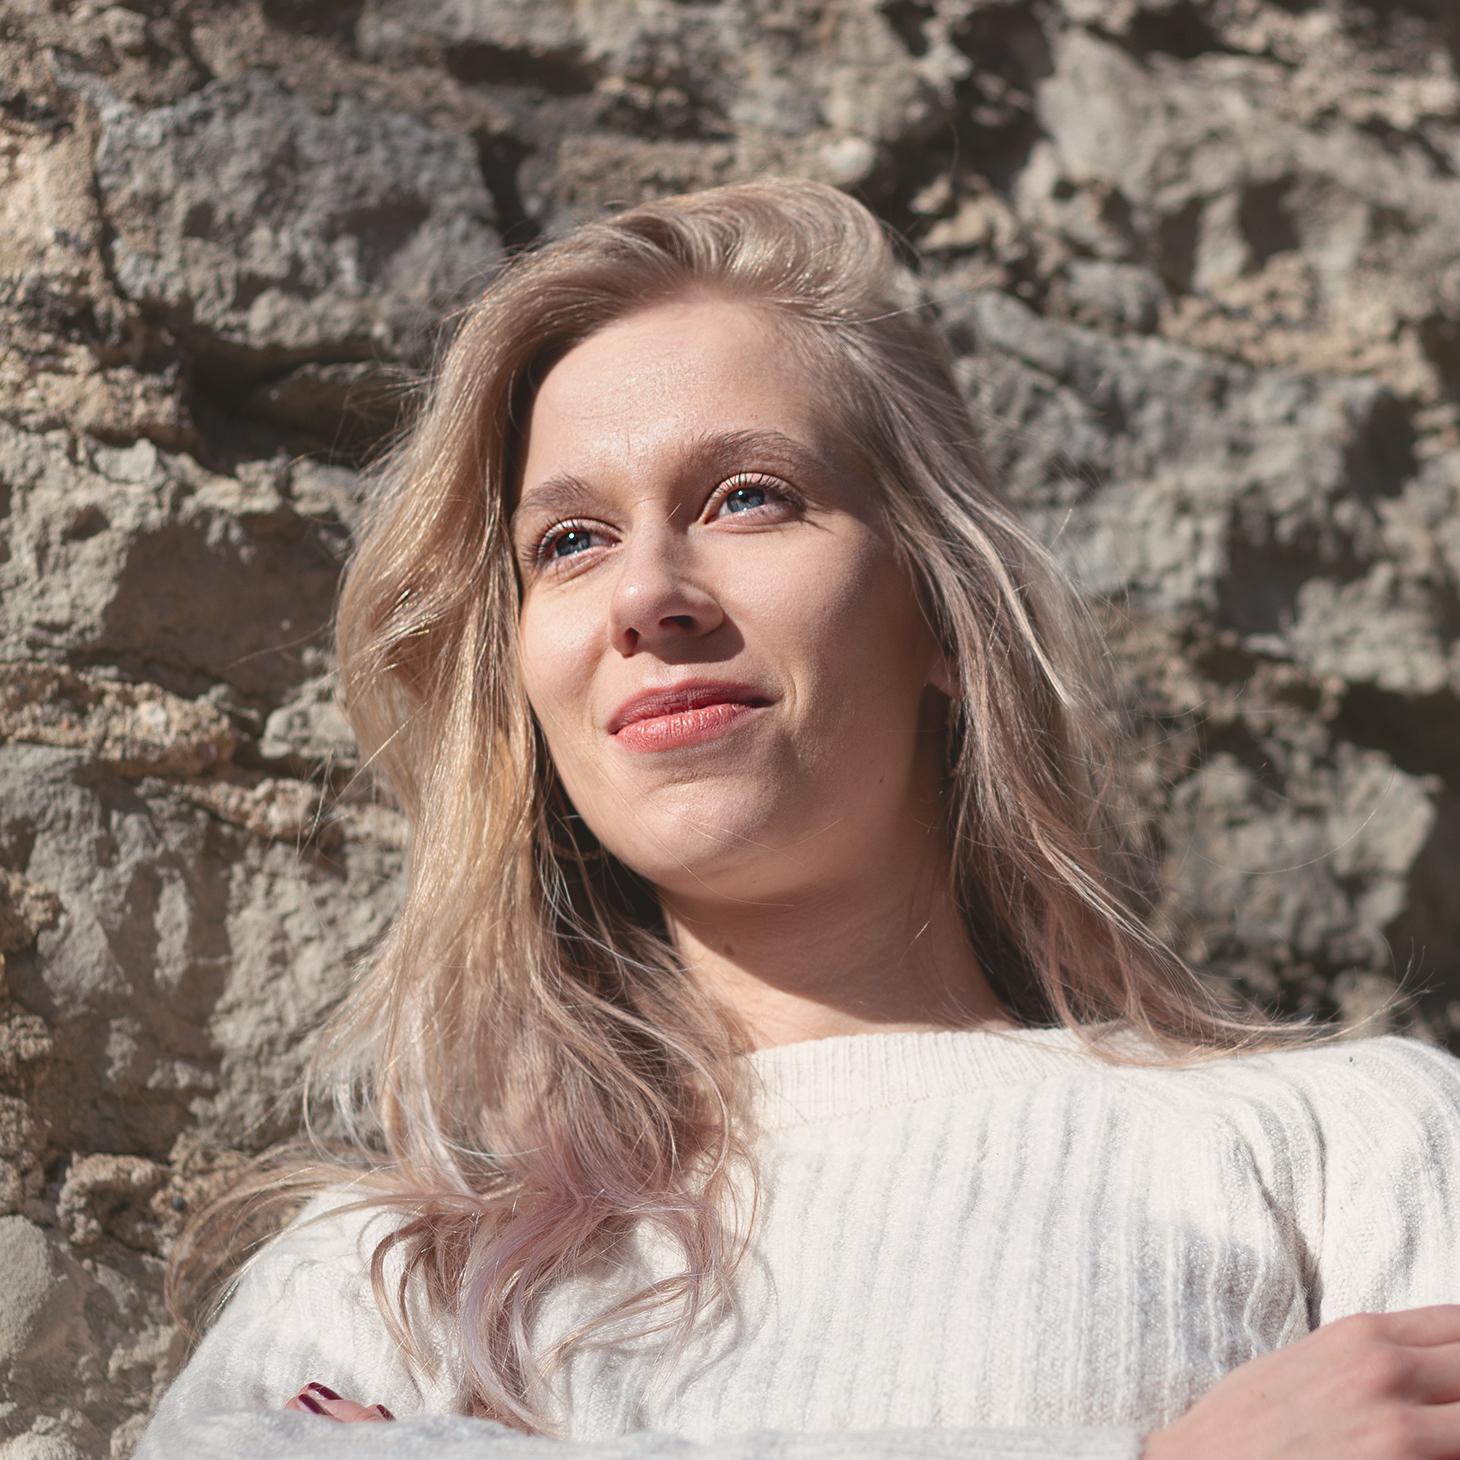 Katariina Tilk